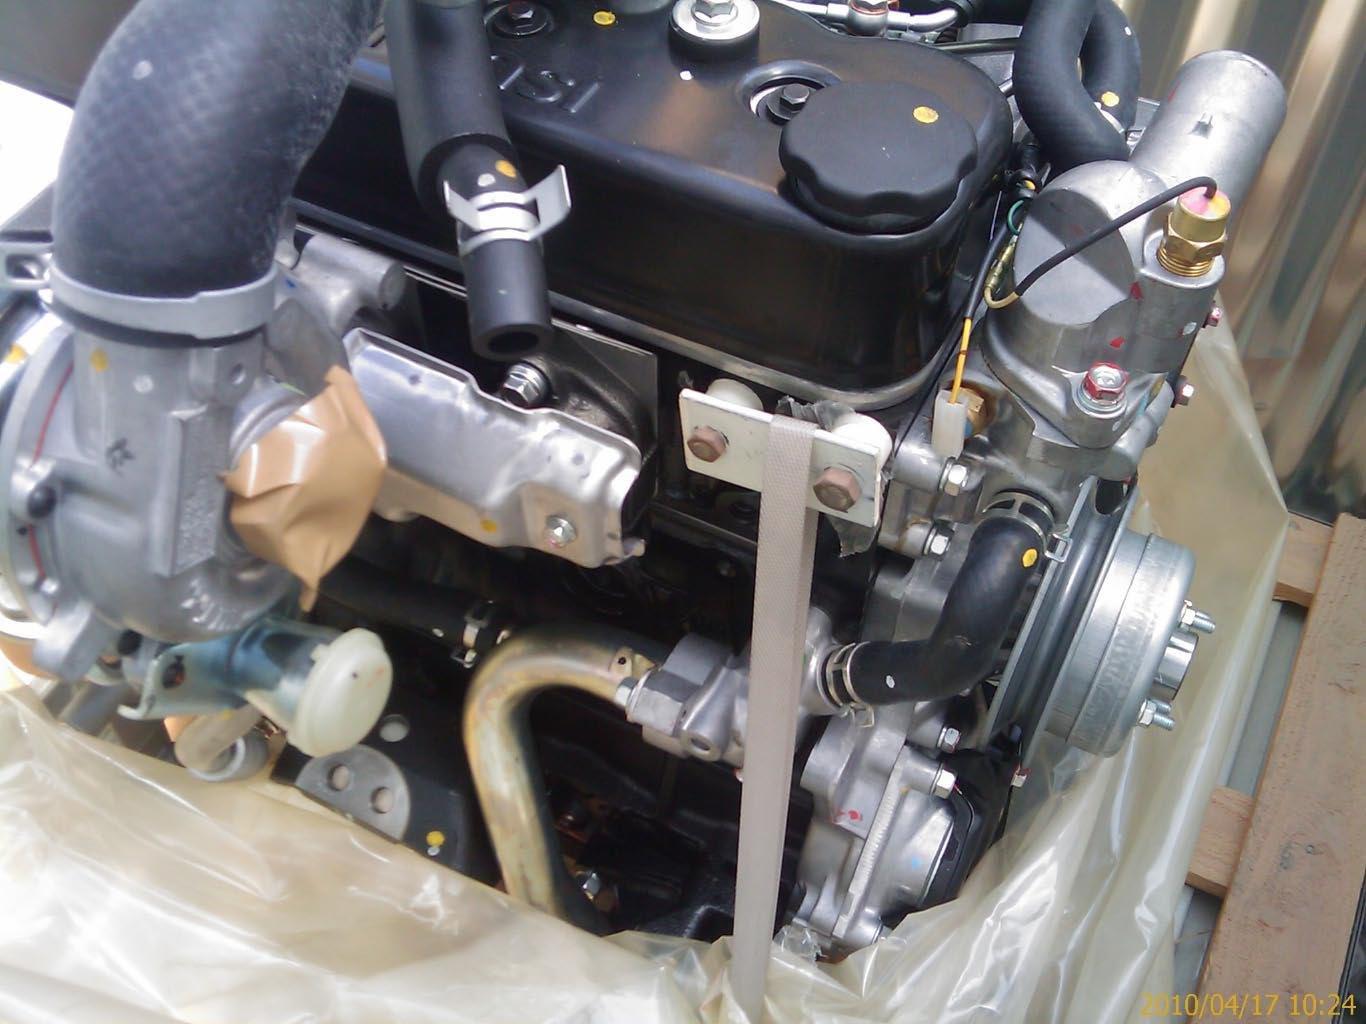 843 Bobcat Wiring Diagram Japan 4 Cylinder 2500 4ja1 T Genuine Parts Isuzu Diesel